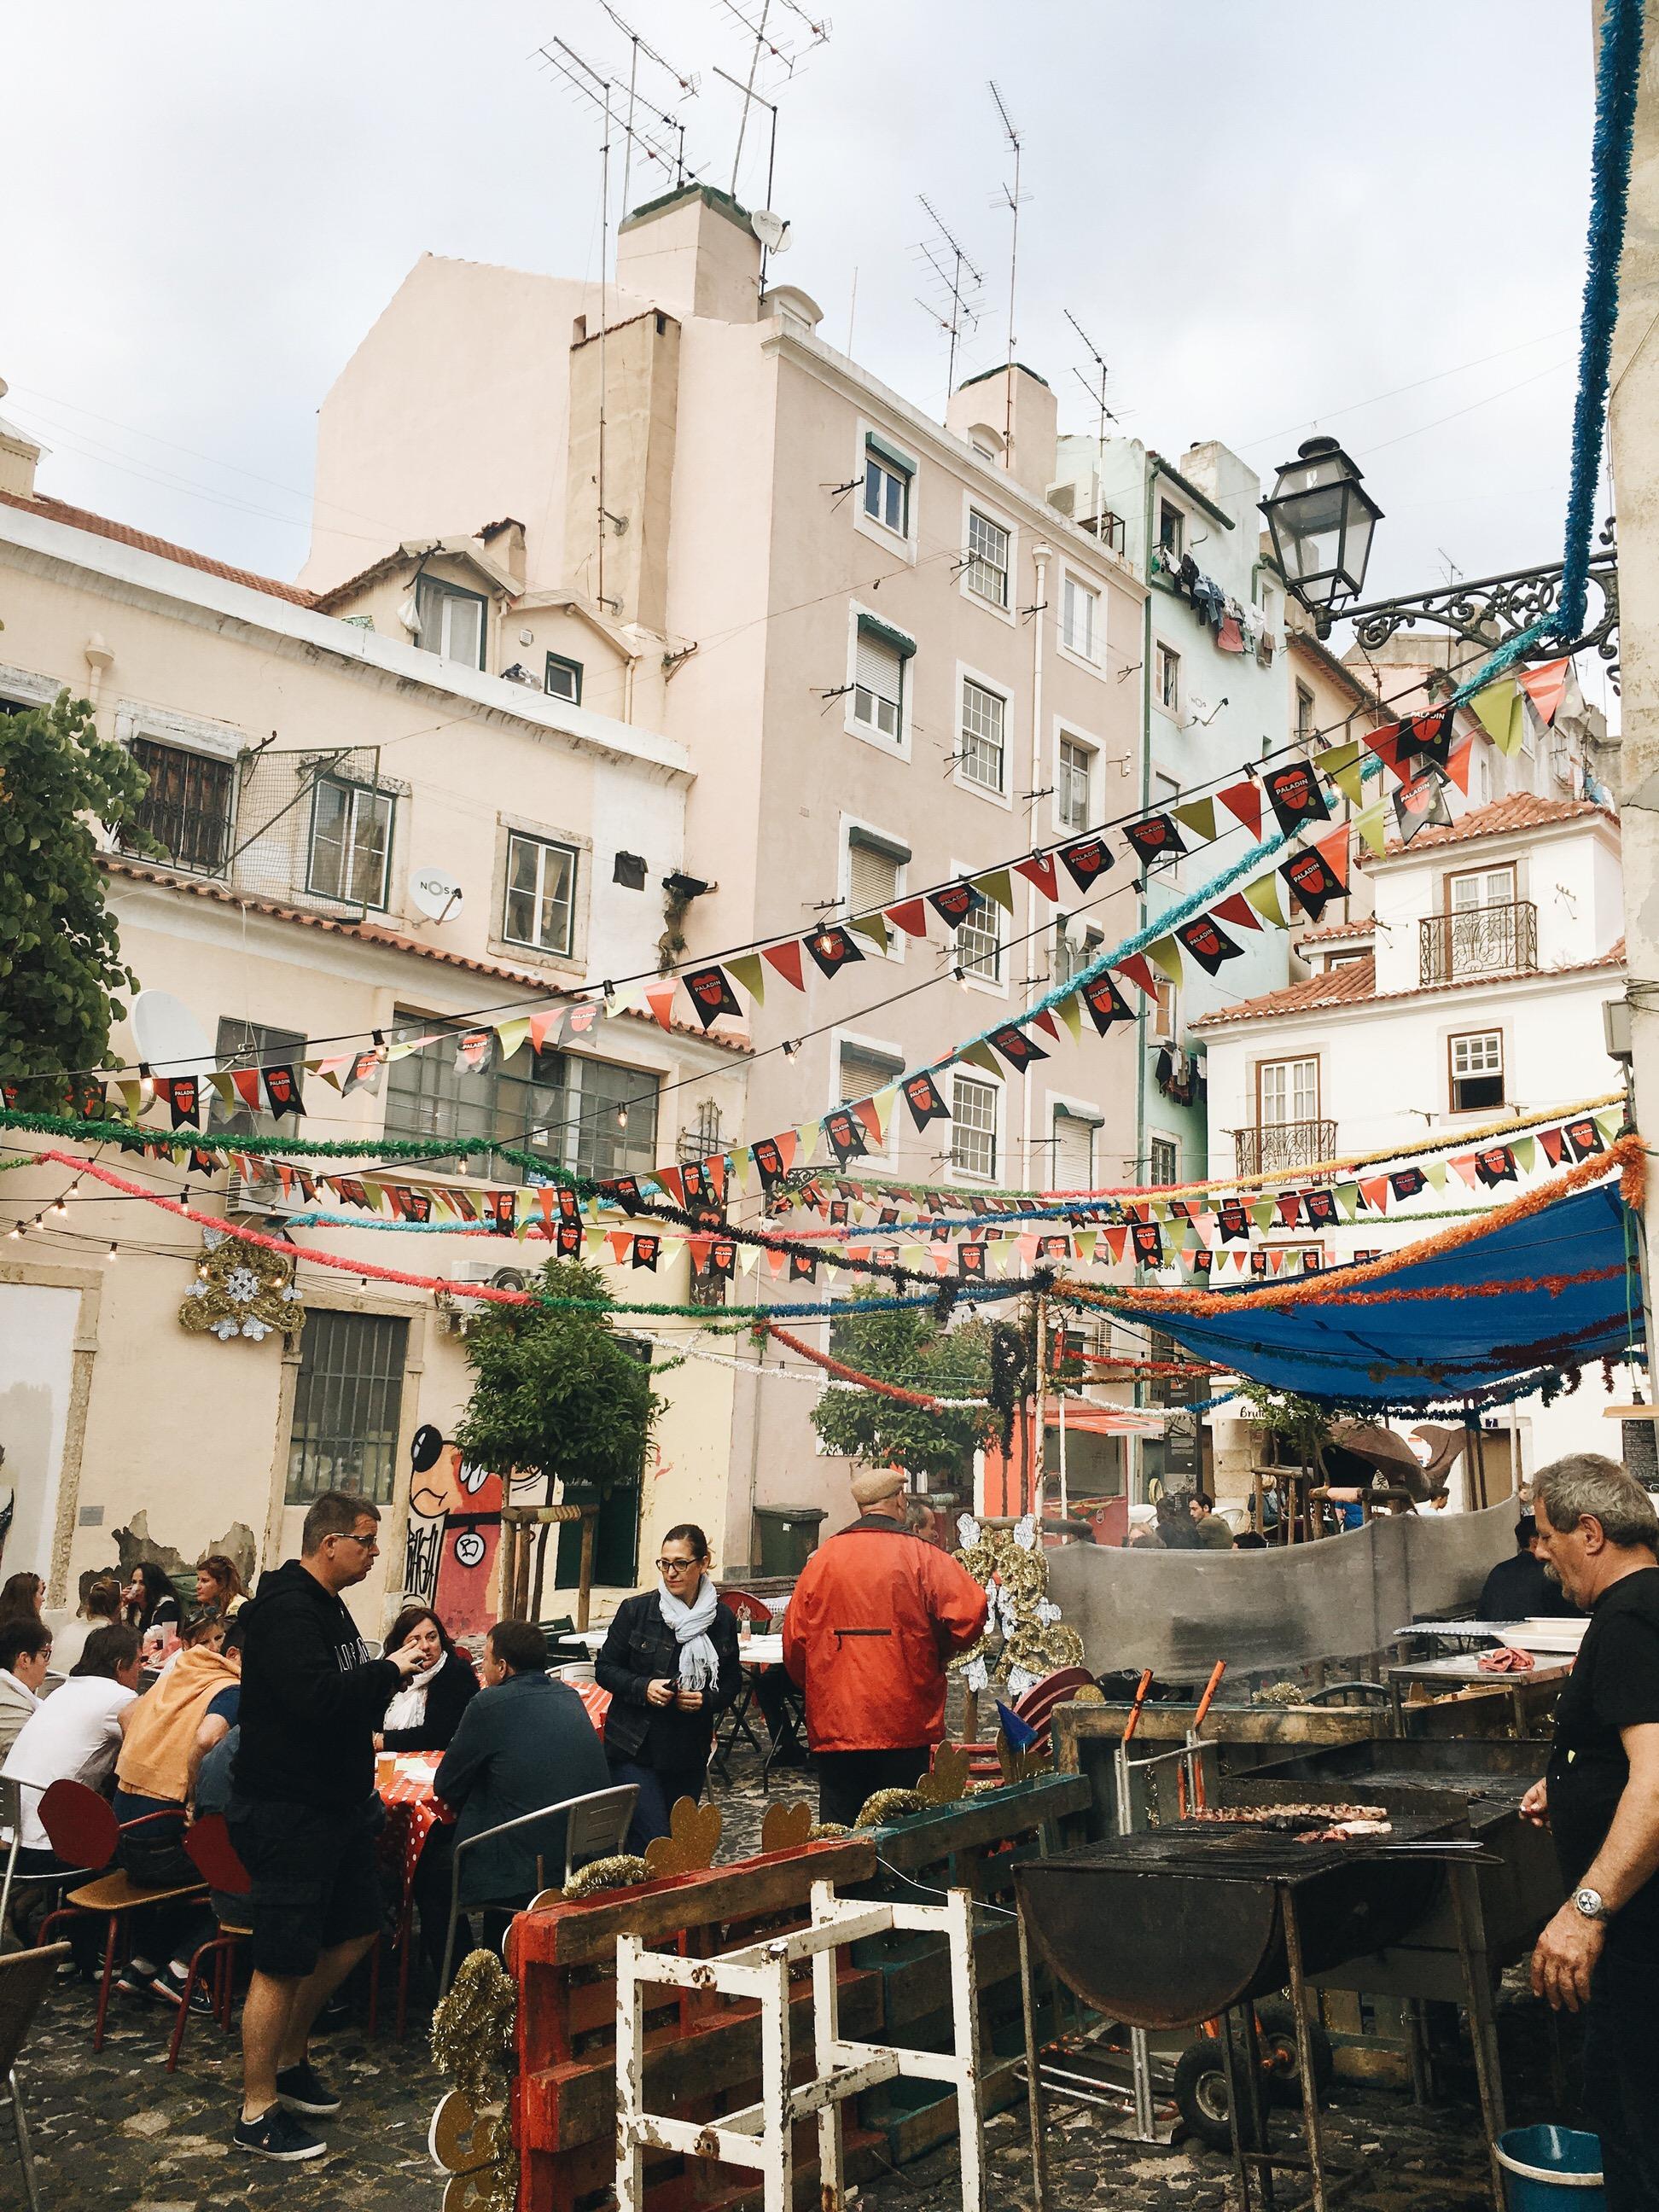 Reisebericht Lissabon Reisetipps auf meinem Modeblog